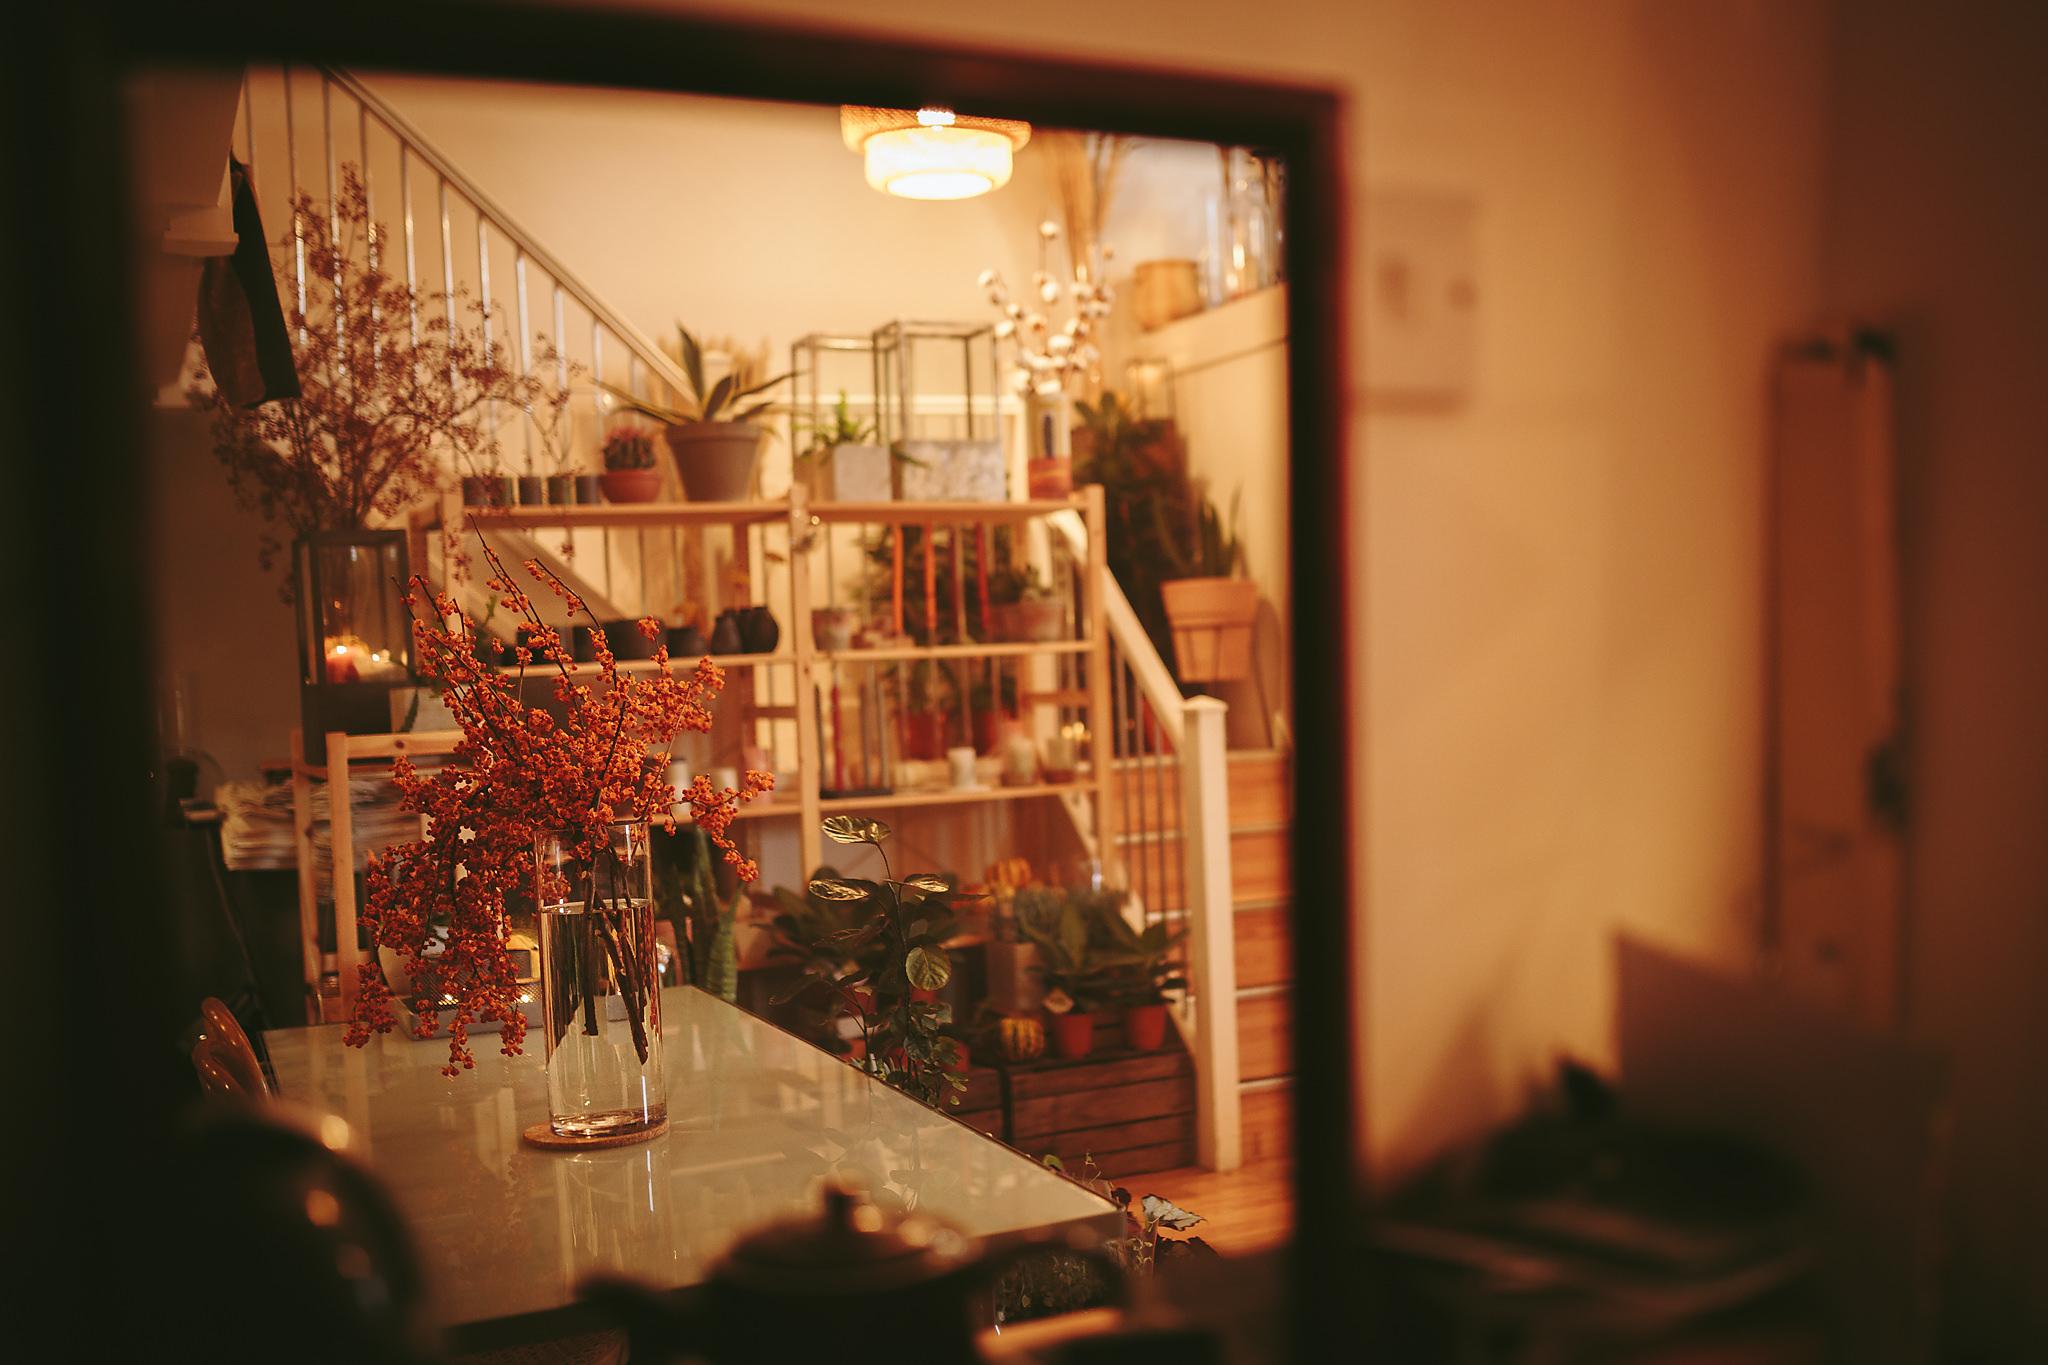 Wildflower_Studio_Oct17-10.jpg